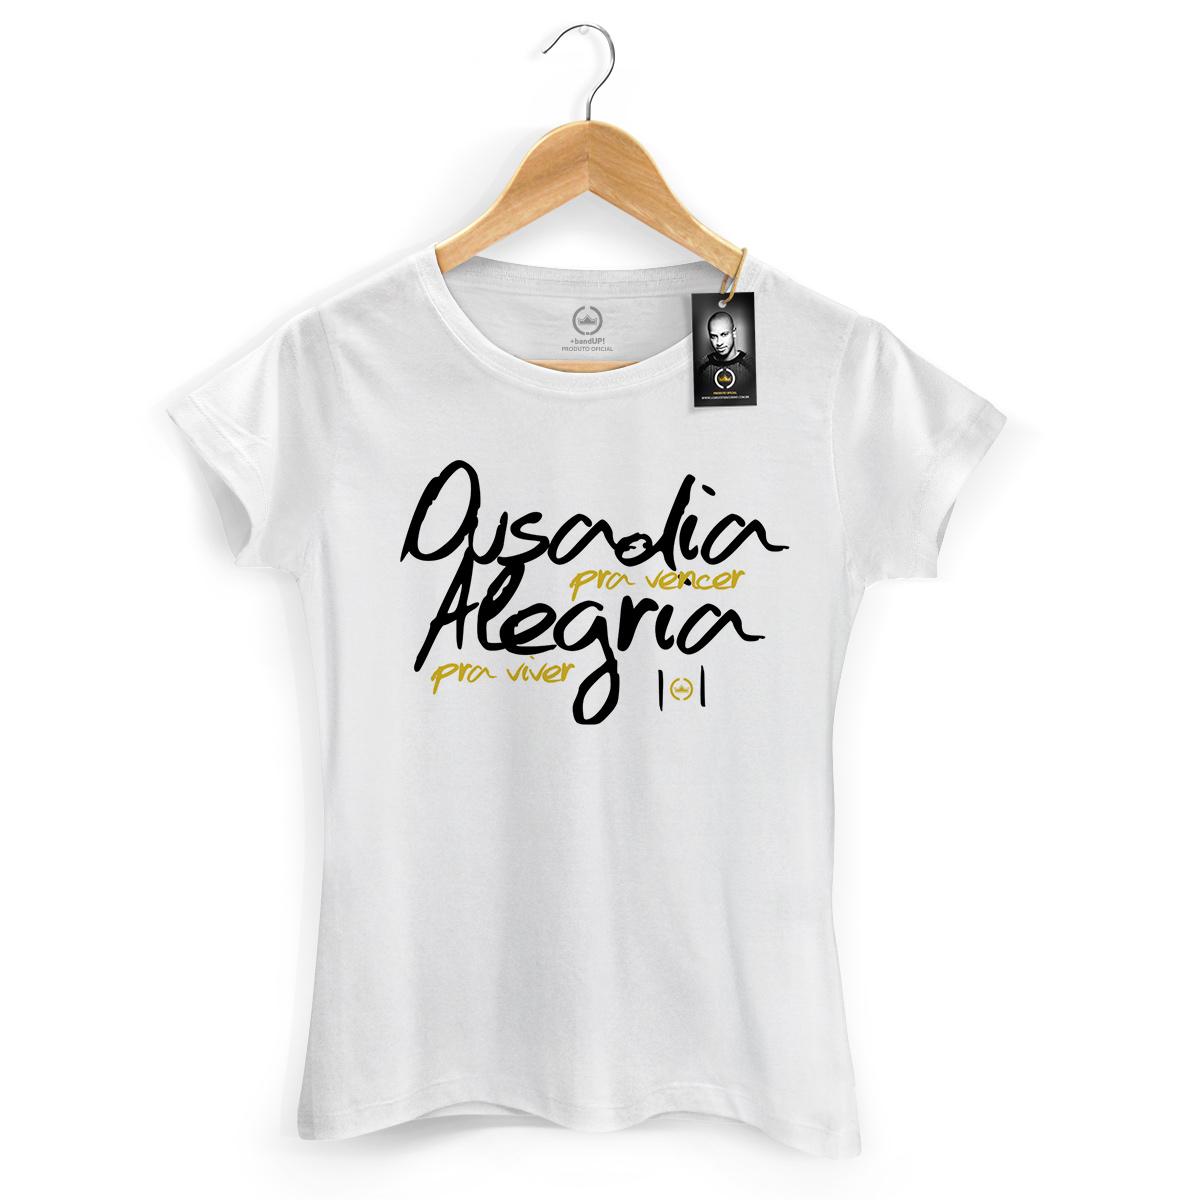 Camiseta Feminina Thiaguinho Ousadia Pra Vencer